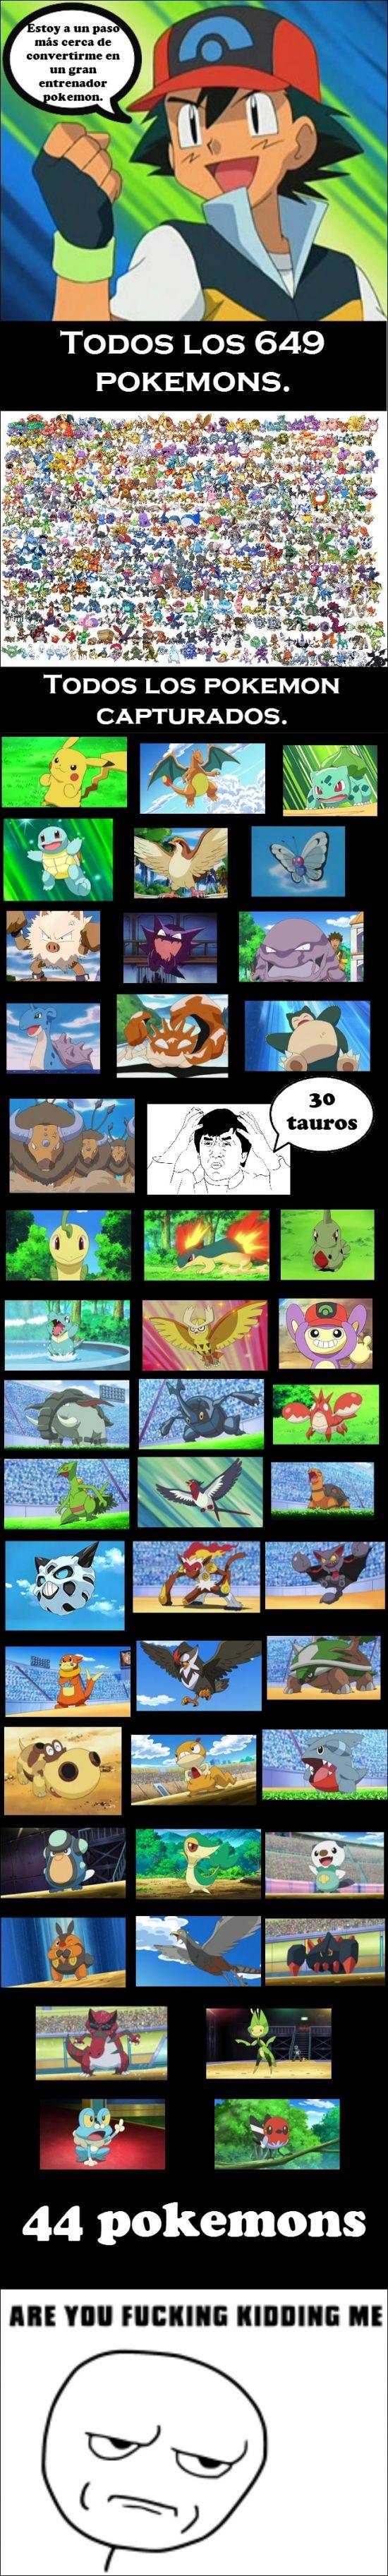 El trayecto de Ash como entrenador Pokémon deja un poco que desear        Gracias a http://www.cuantocabron.com/   Si quieres leer la noticia completa visita: http://www.estoy-aburrido.com/el-trayecto-de-ash-como-entrenador-pokemon-deja-un-poco-que-desear/